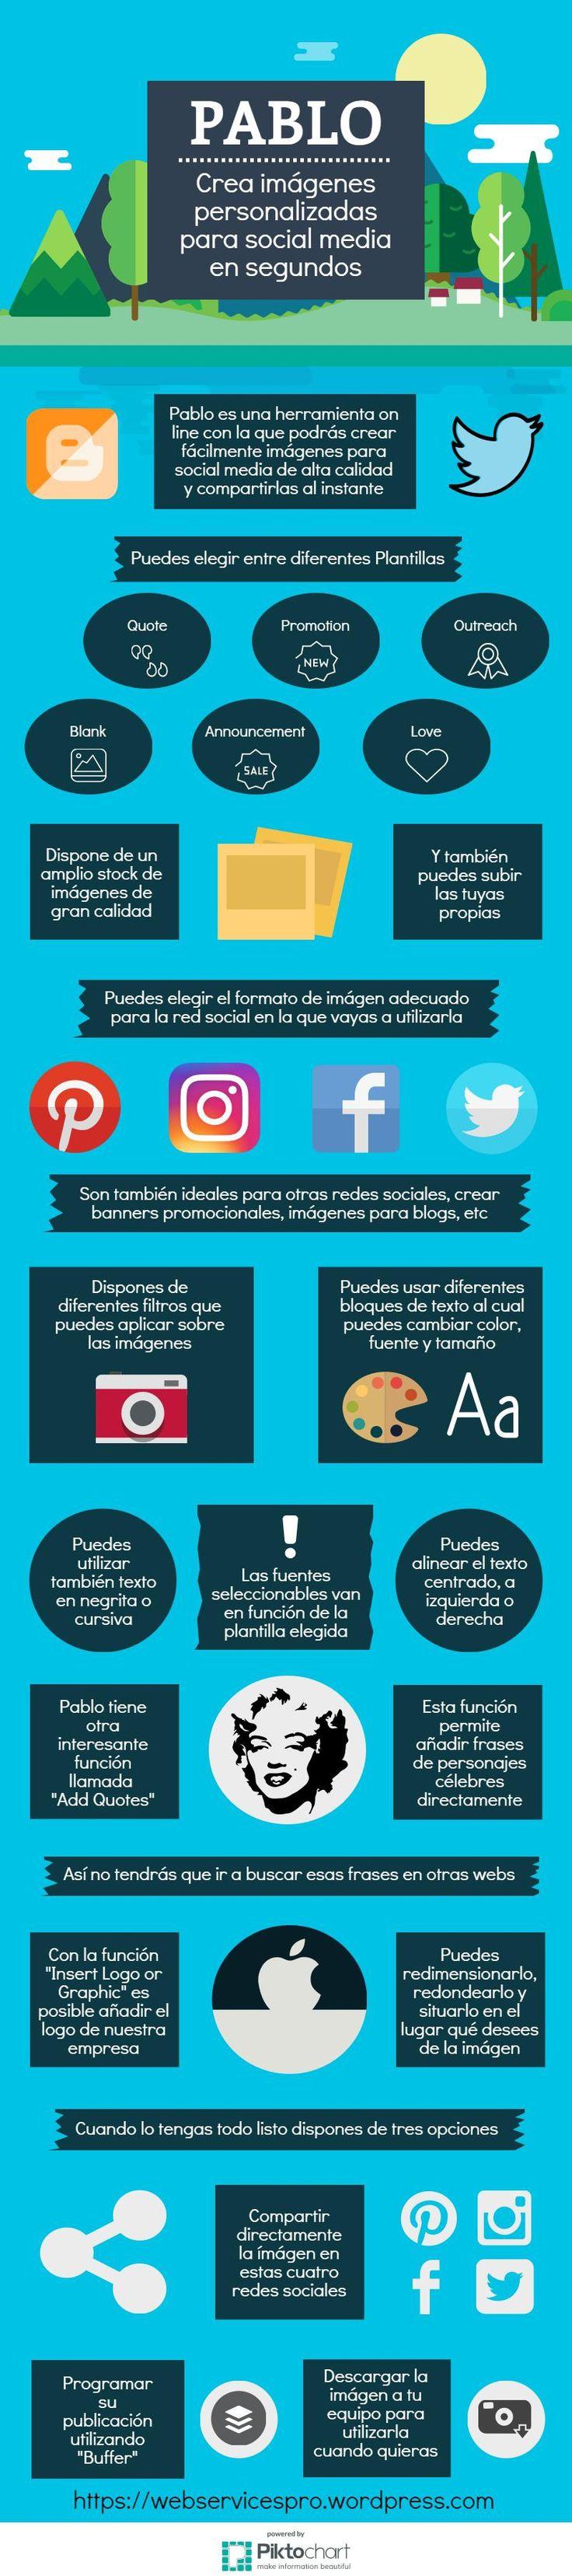 pablo-crea-imagenes-personalizadas-para-social-media-en-segundos